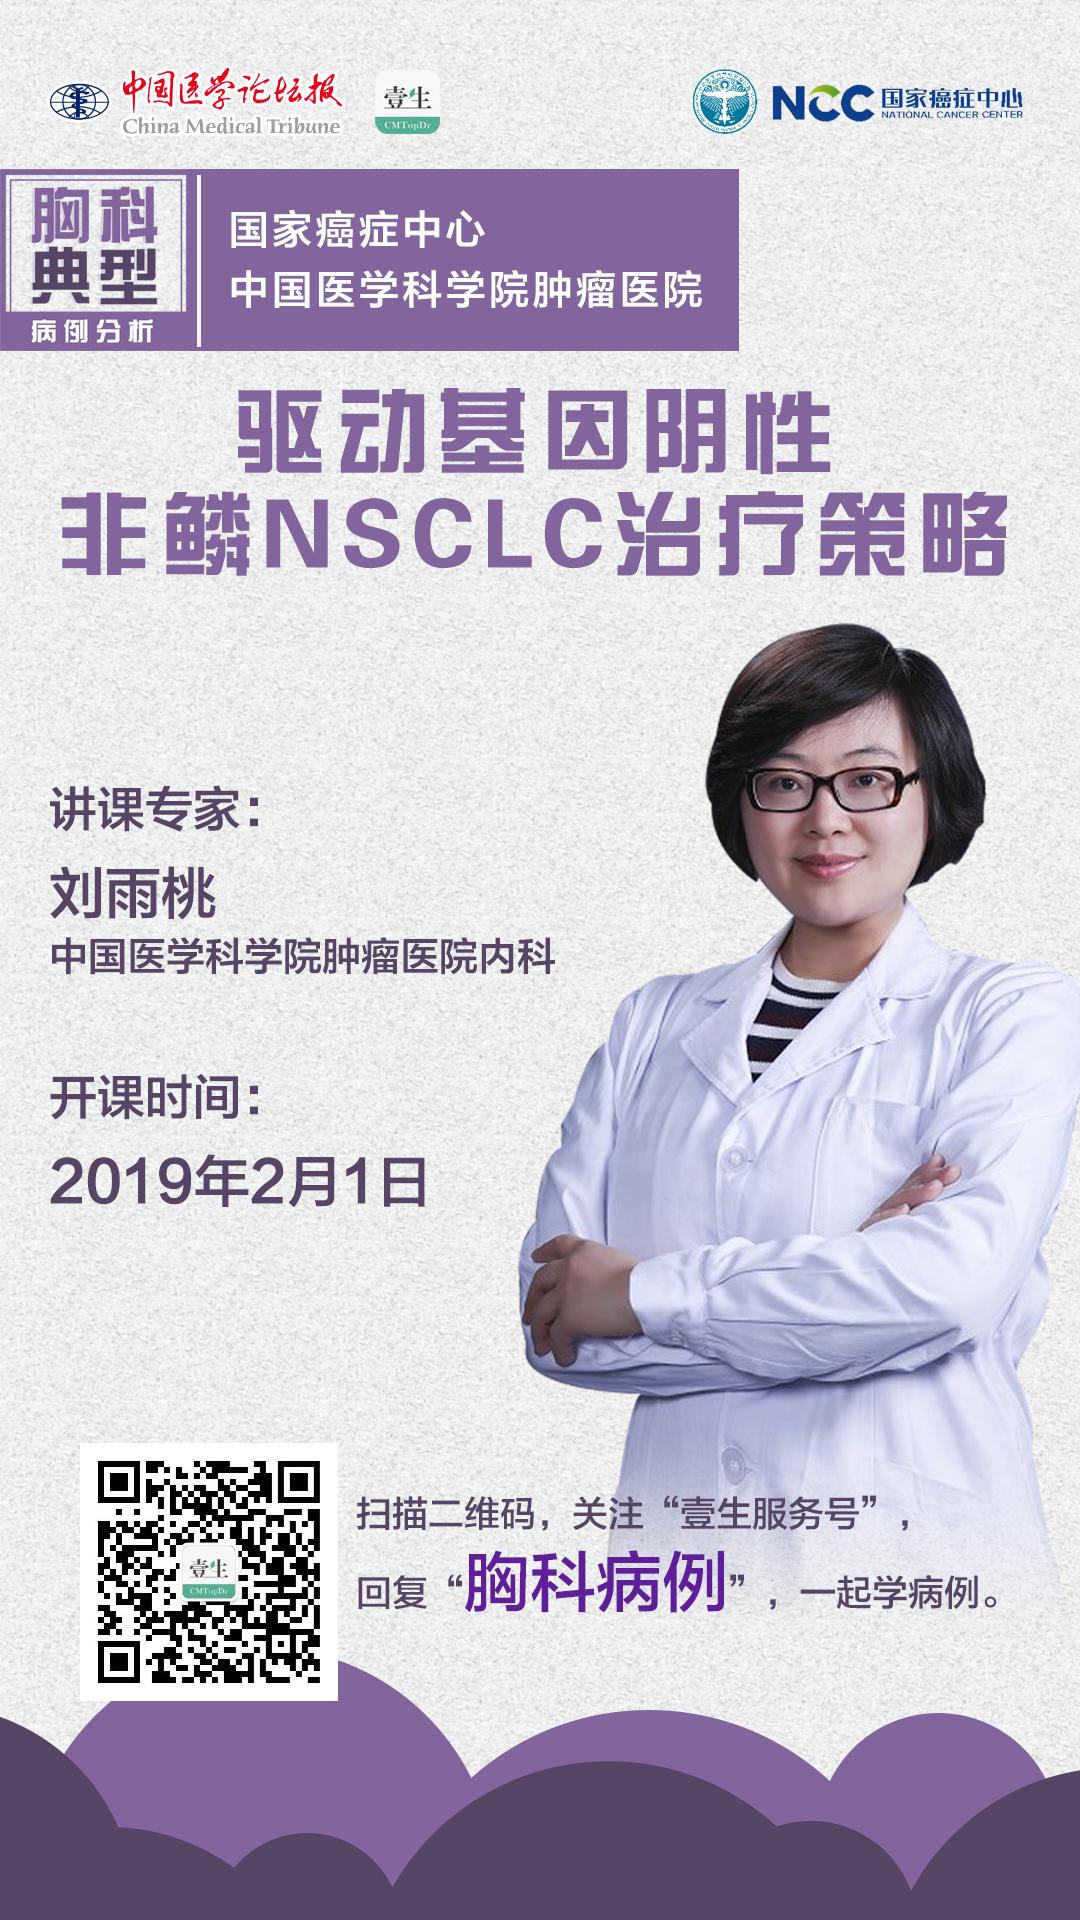 驱动基因阴性非鳞NSCLC治疗策略.png